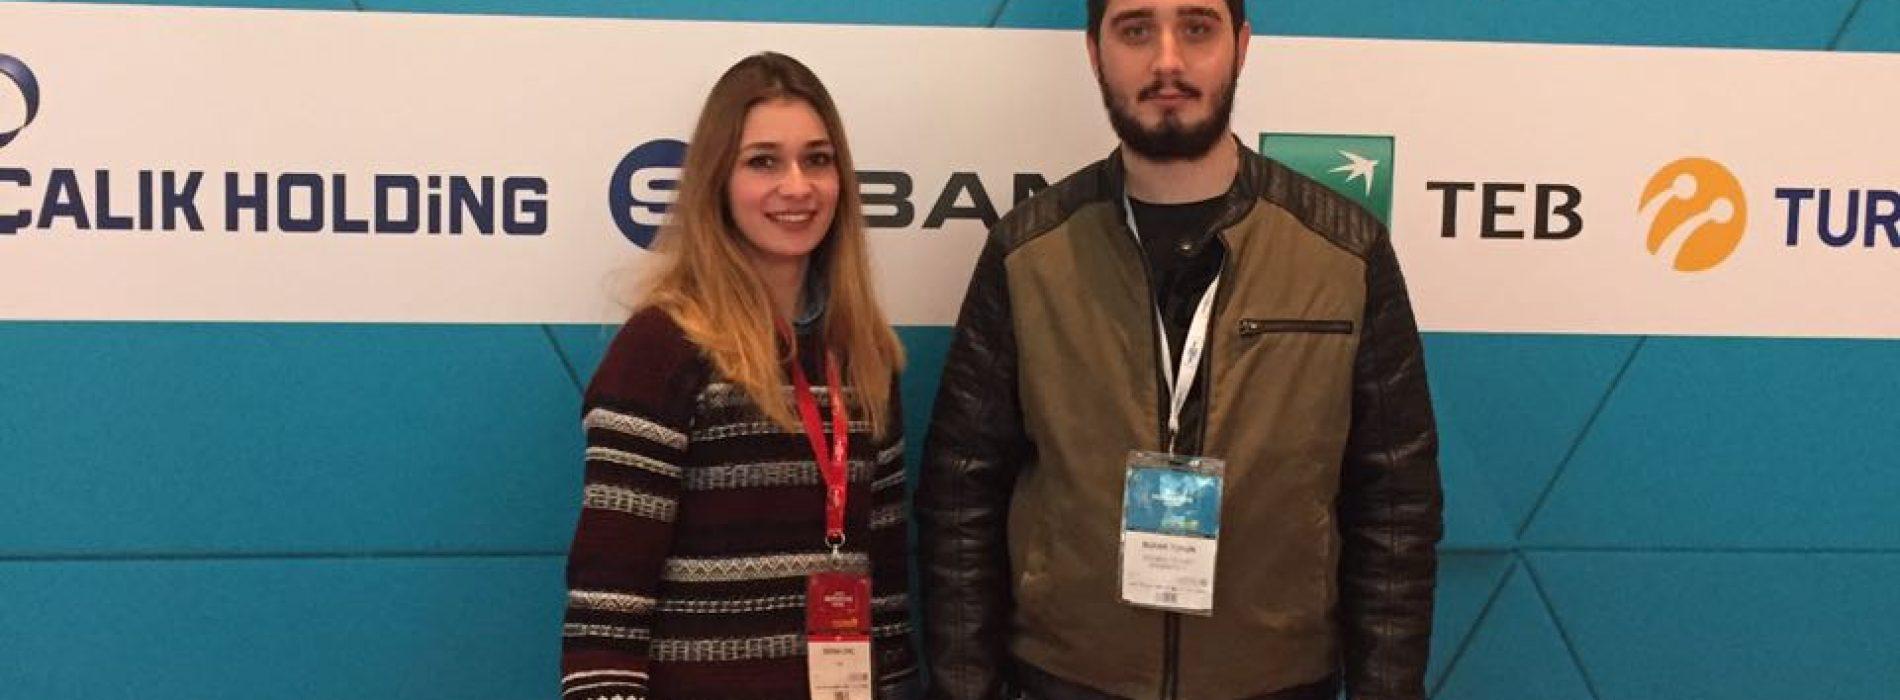 Türkiye İnovasyon Haftası'ndaydık